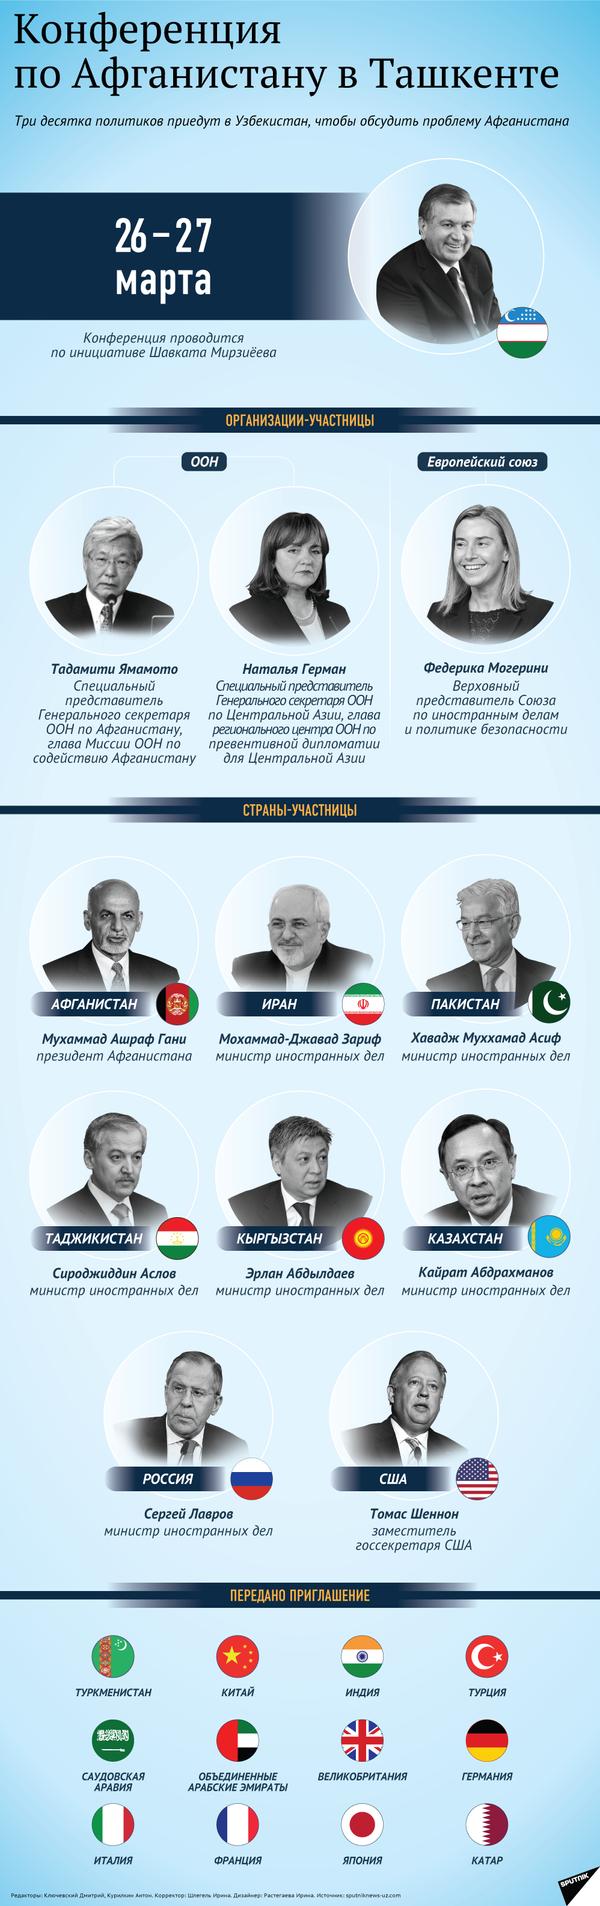 Конференция по Афганистану в Ташкенте - Sputnik Узбекистан